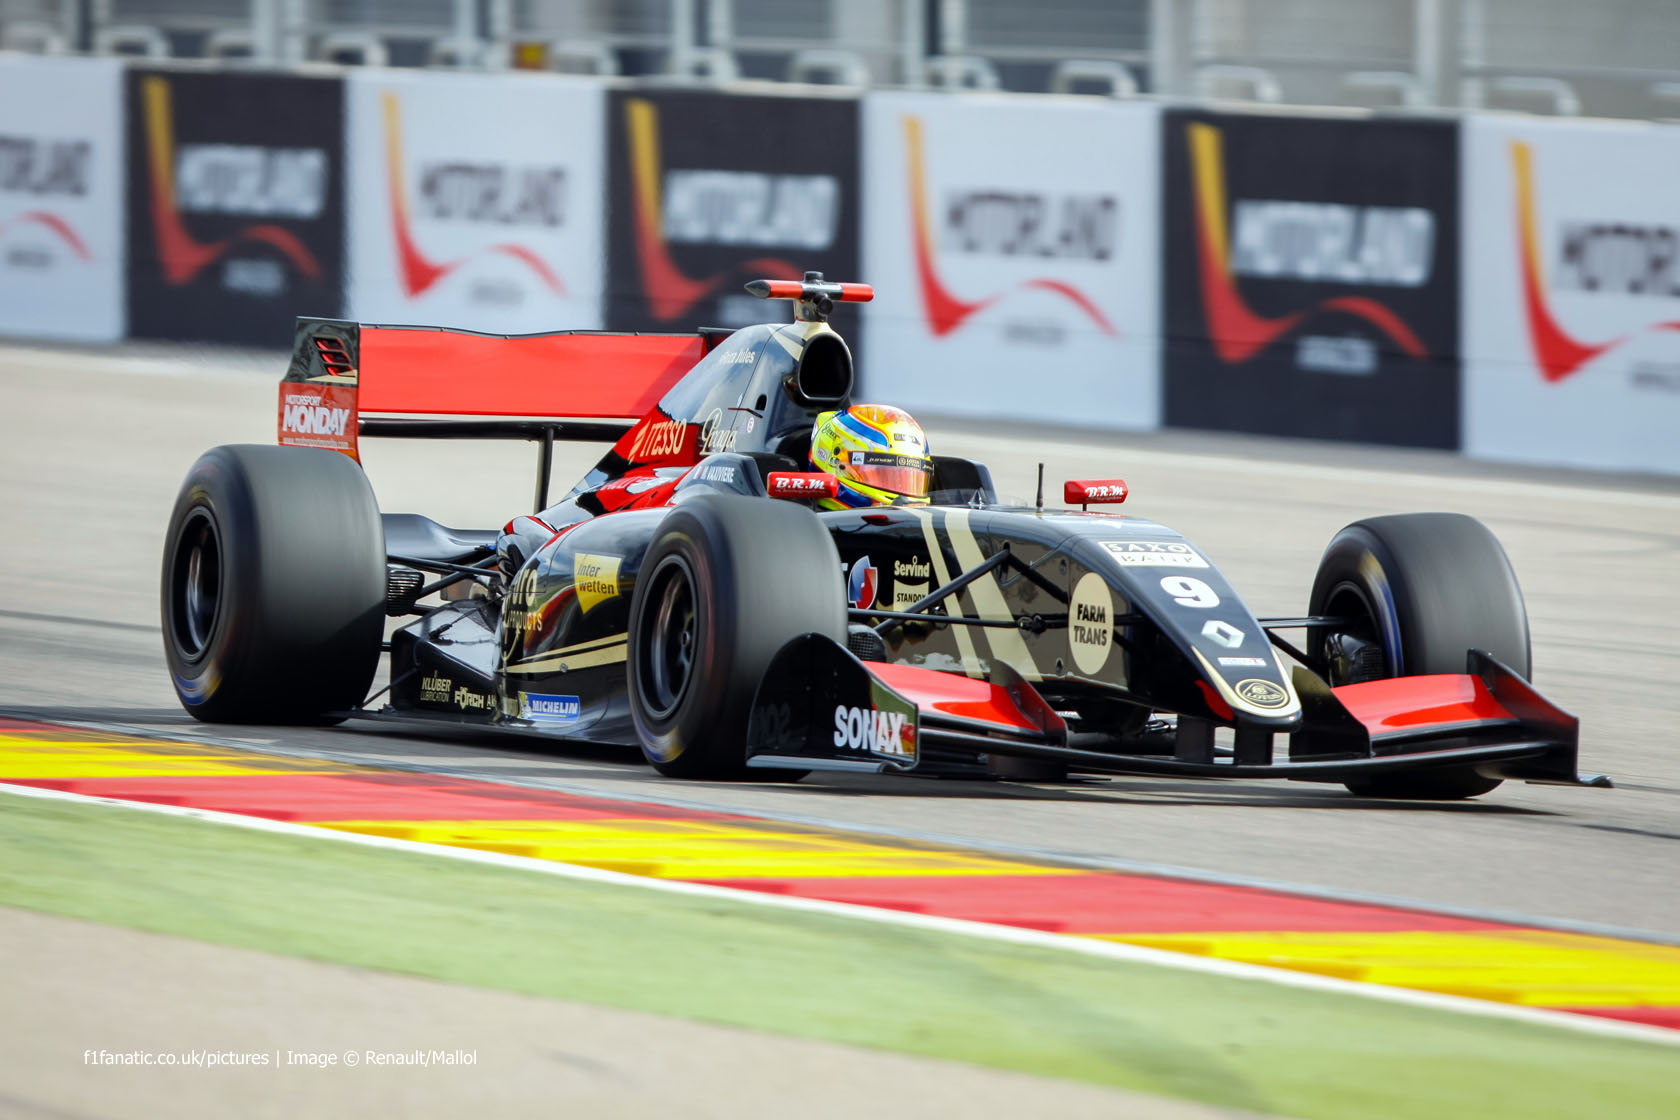 Mathieu Vaxiviere Lotus Motorland Aragon Formula Renault 3.5 testing 2015